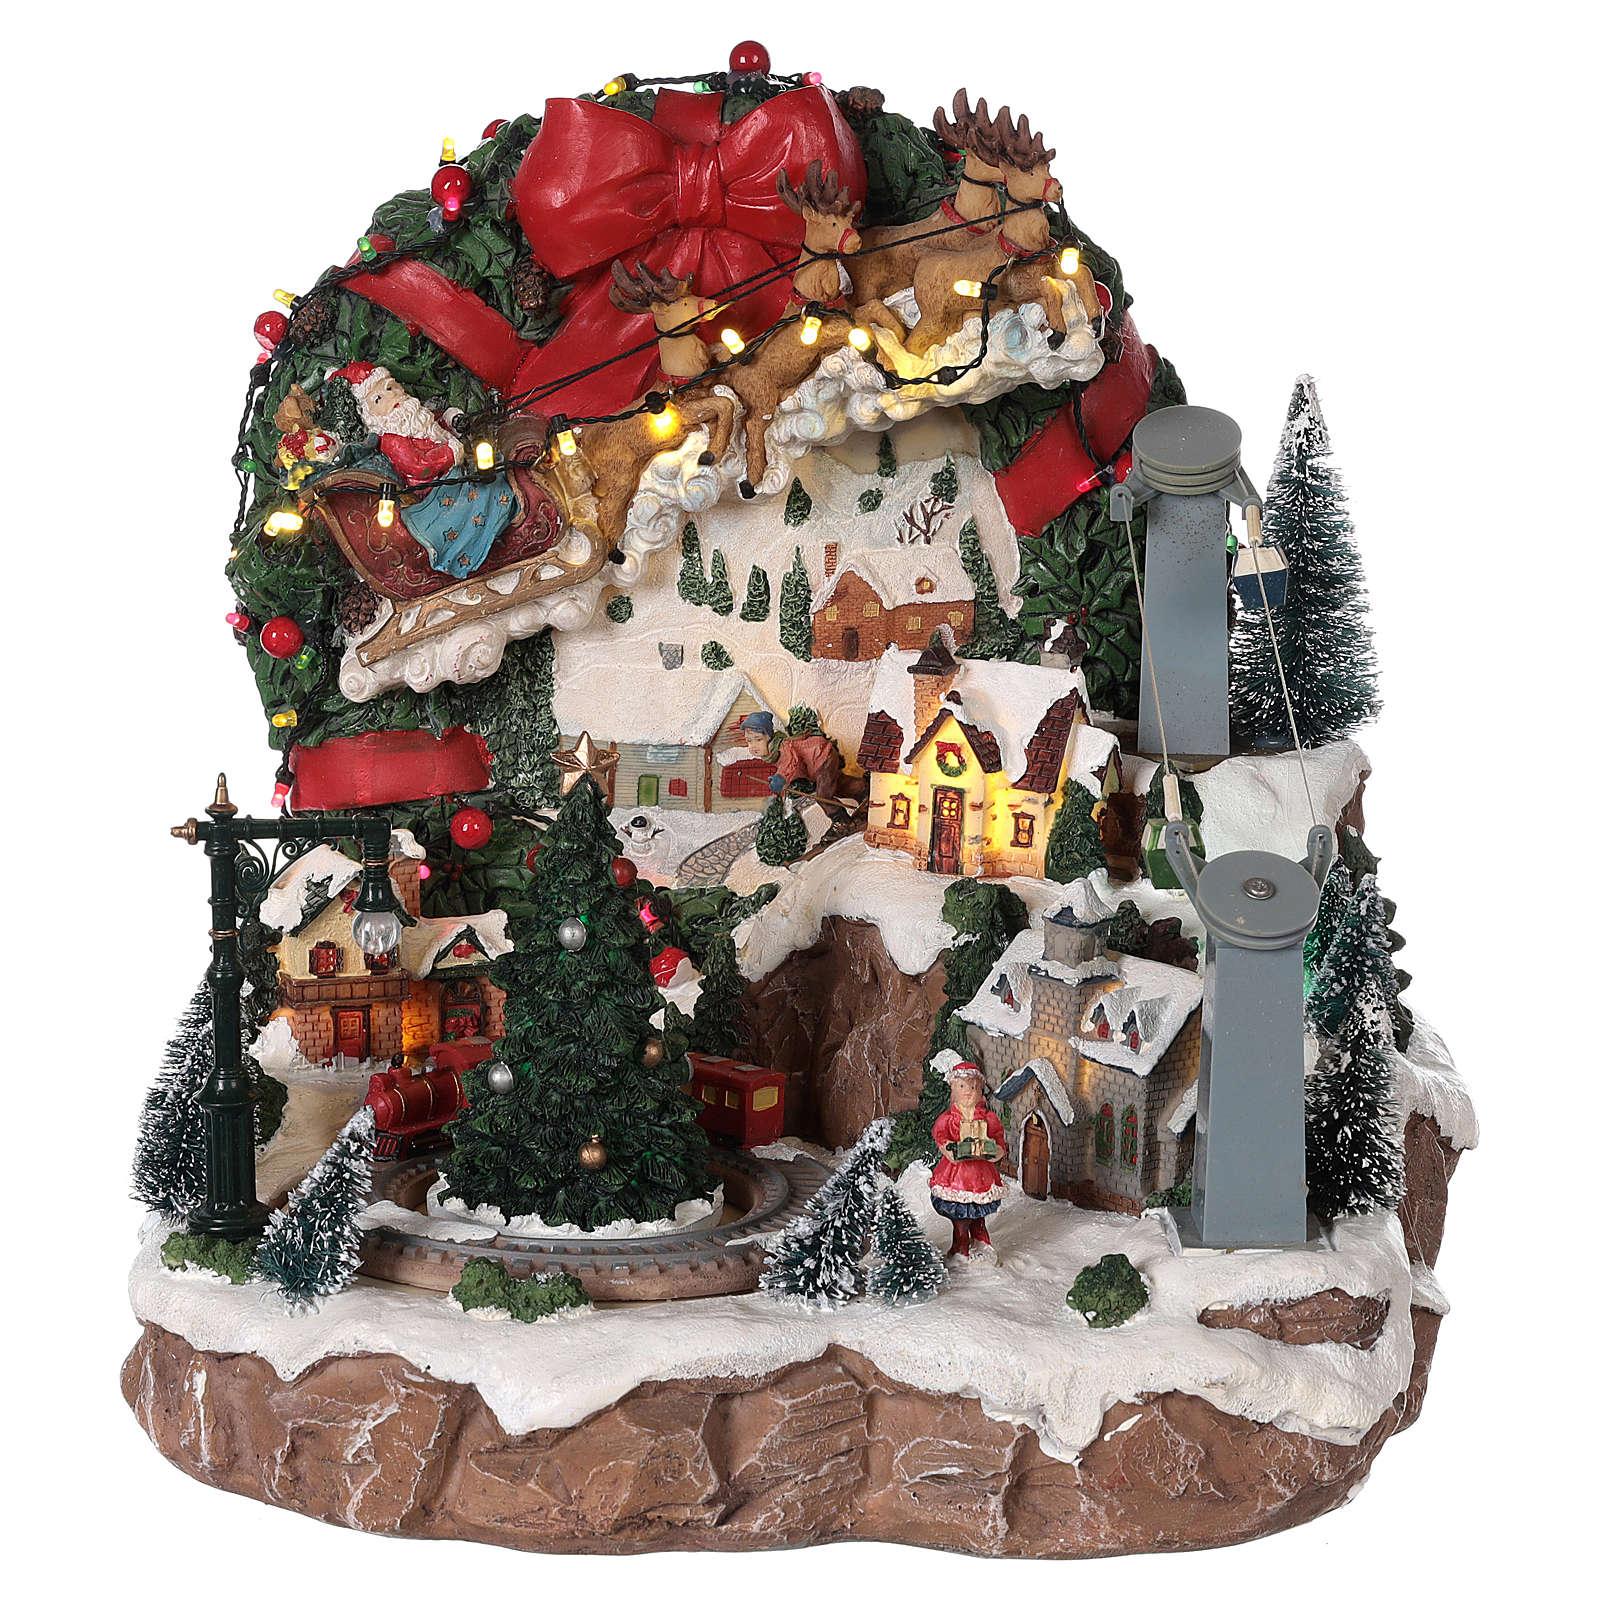 Villaggio di Natale slitta renna funivia movimento luci musica 30x30x30  3